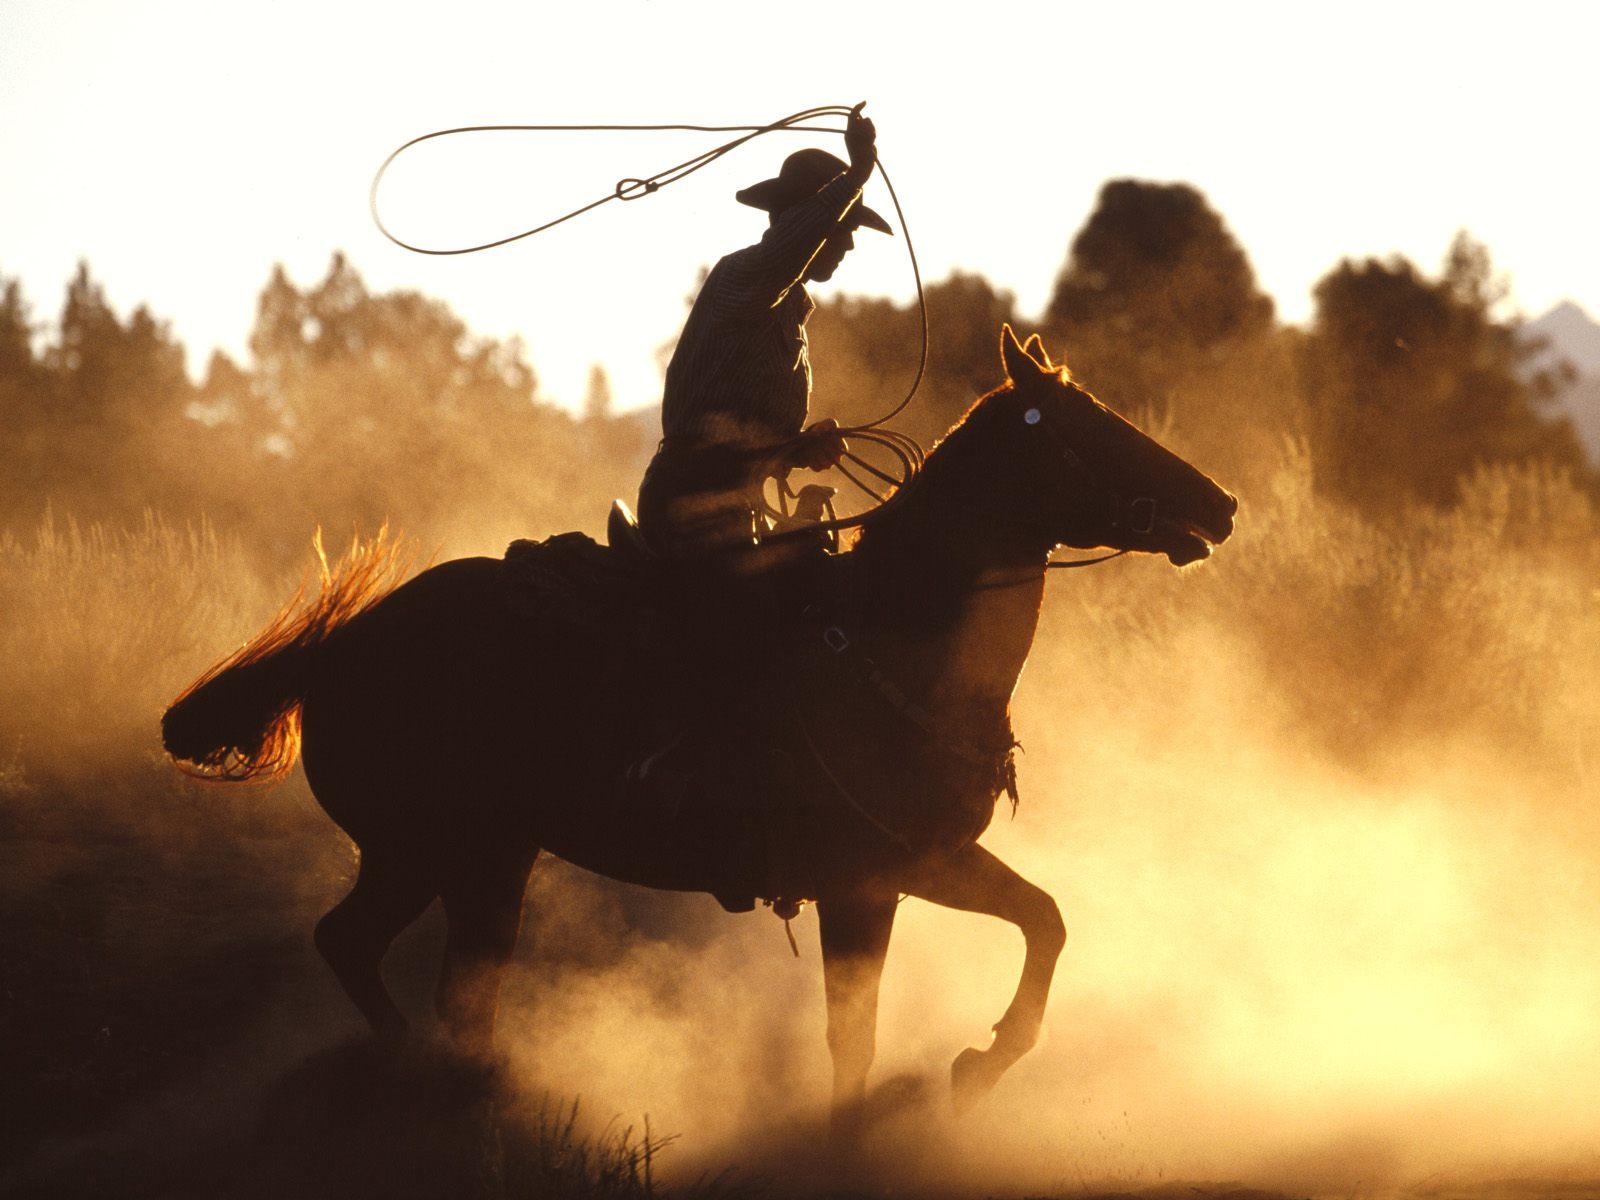 Los vaqueros del siglo XXI ya no llevan caballos